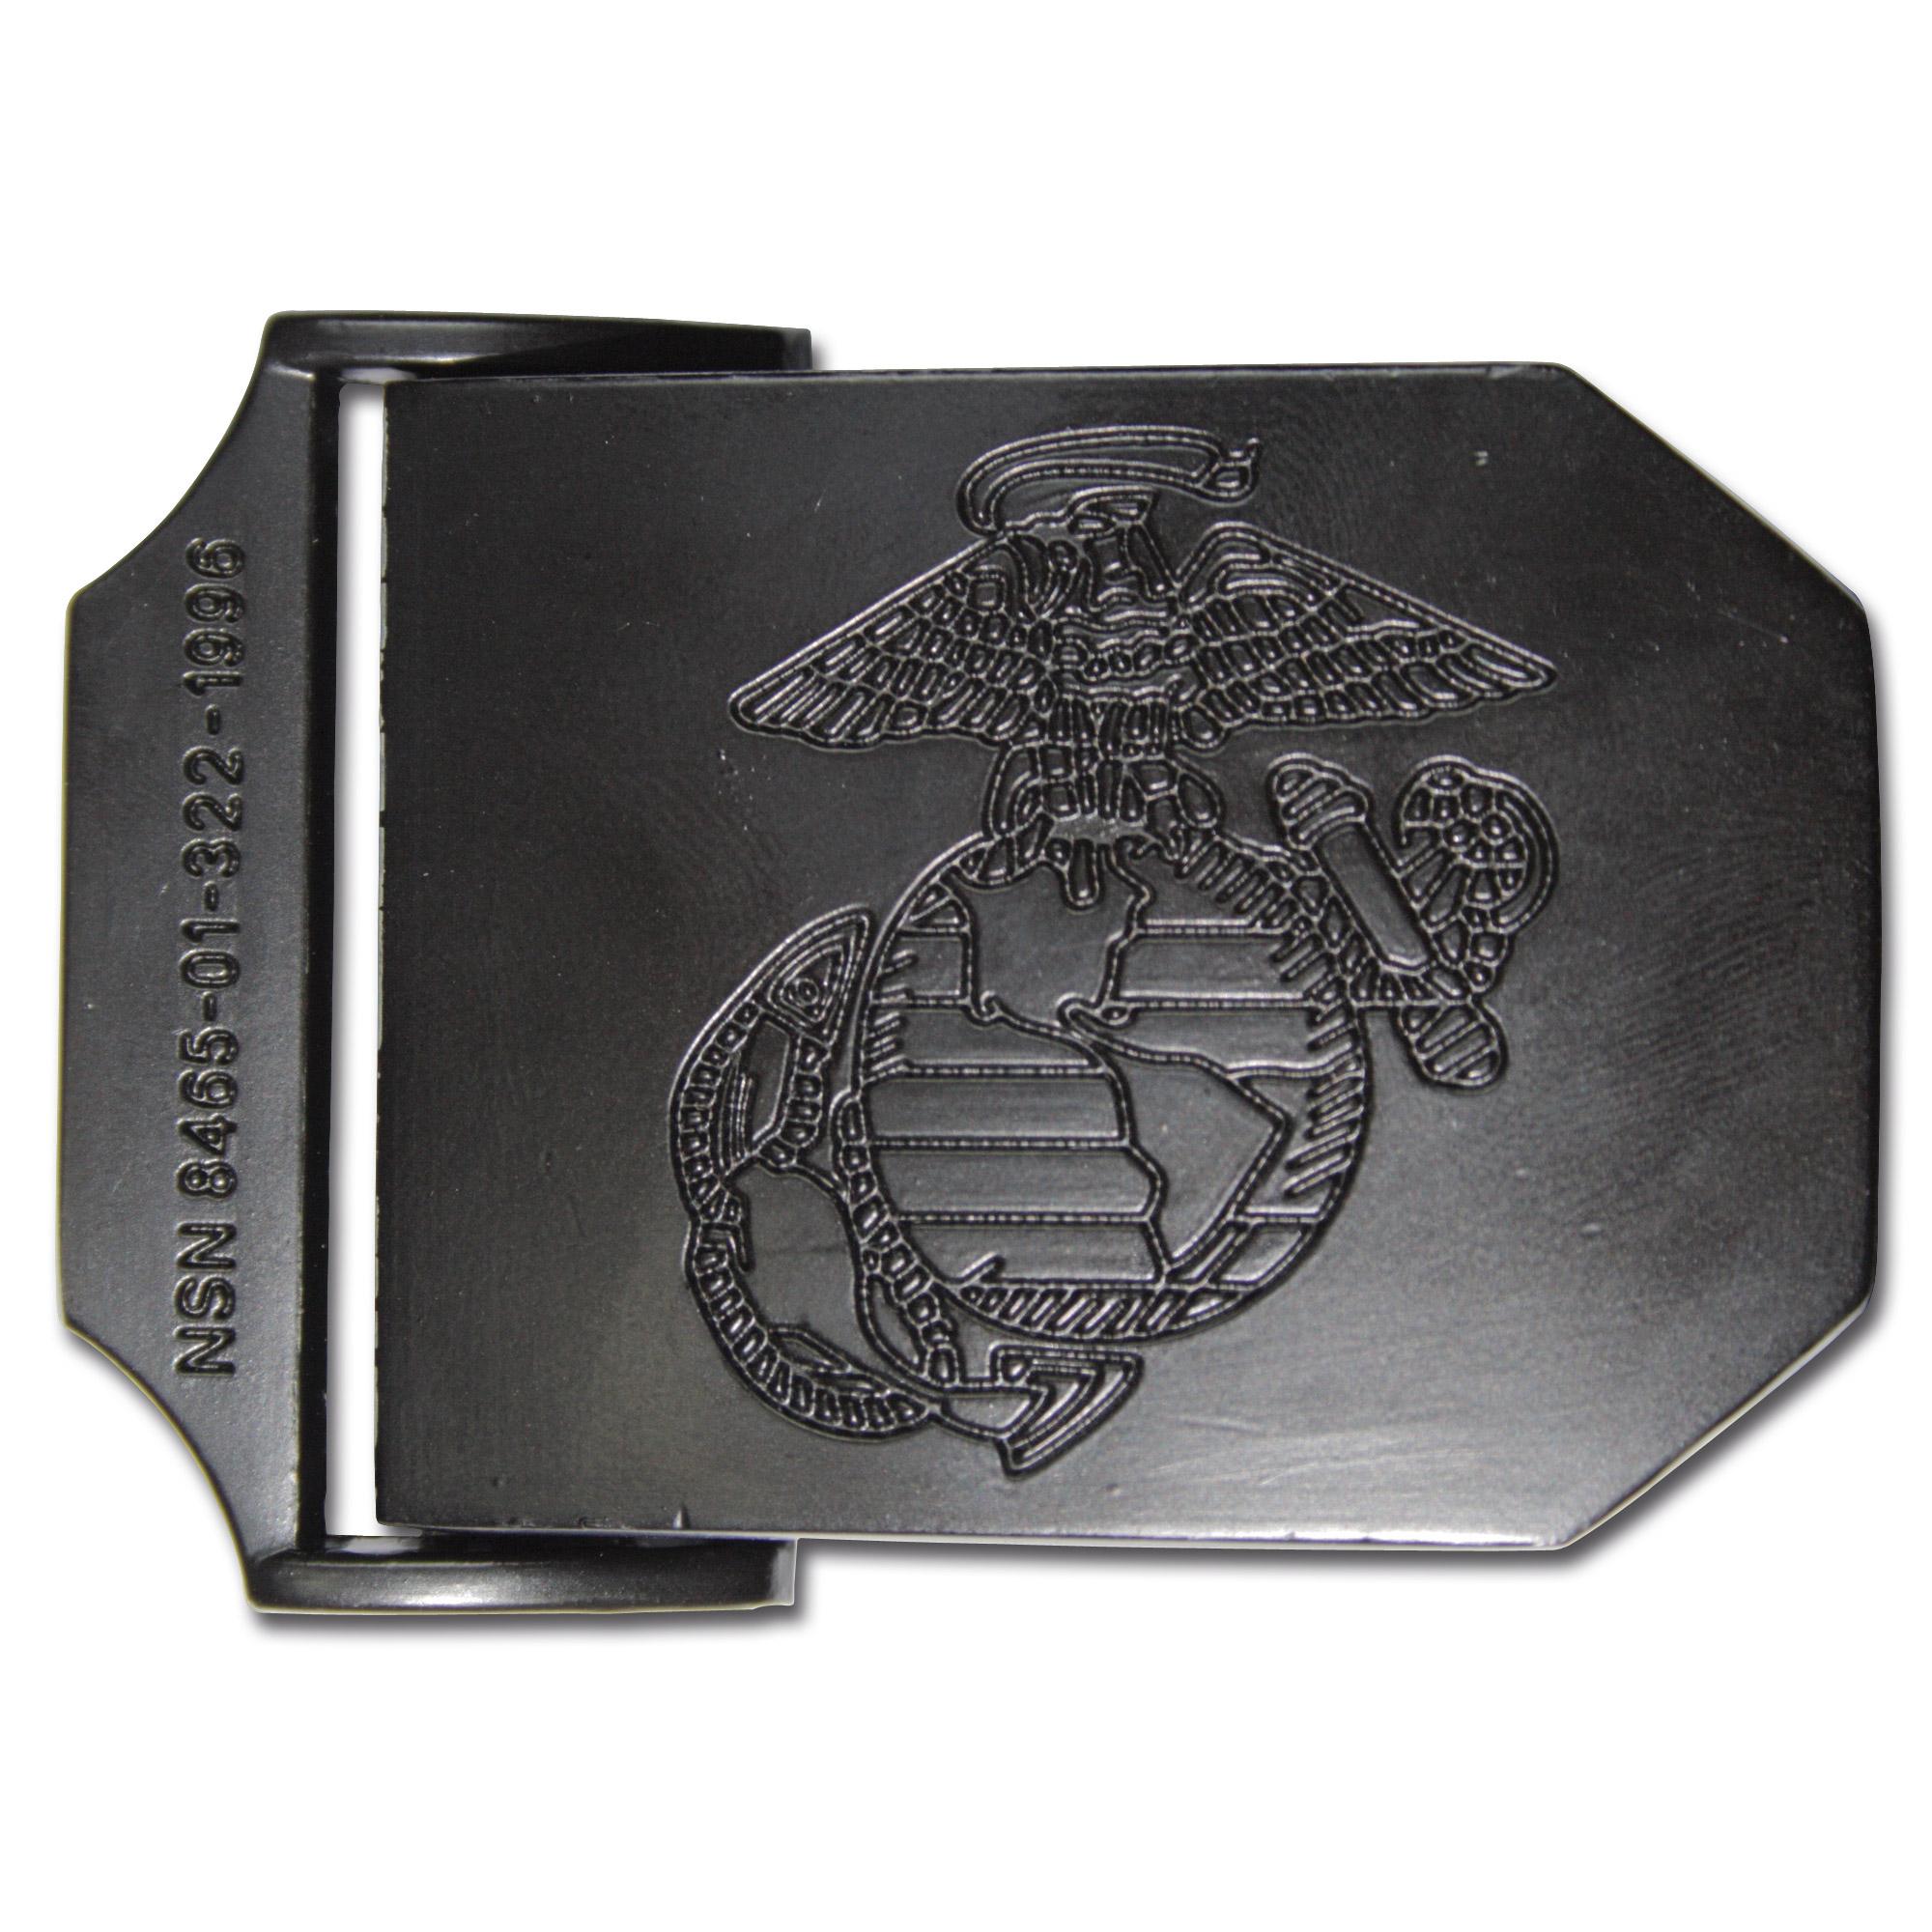 USMC Gürtel schwarz